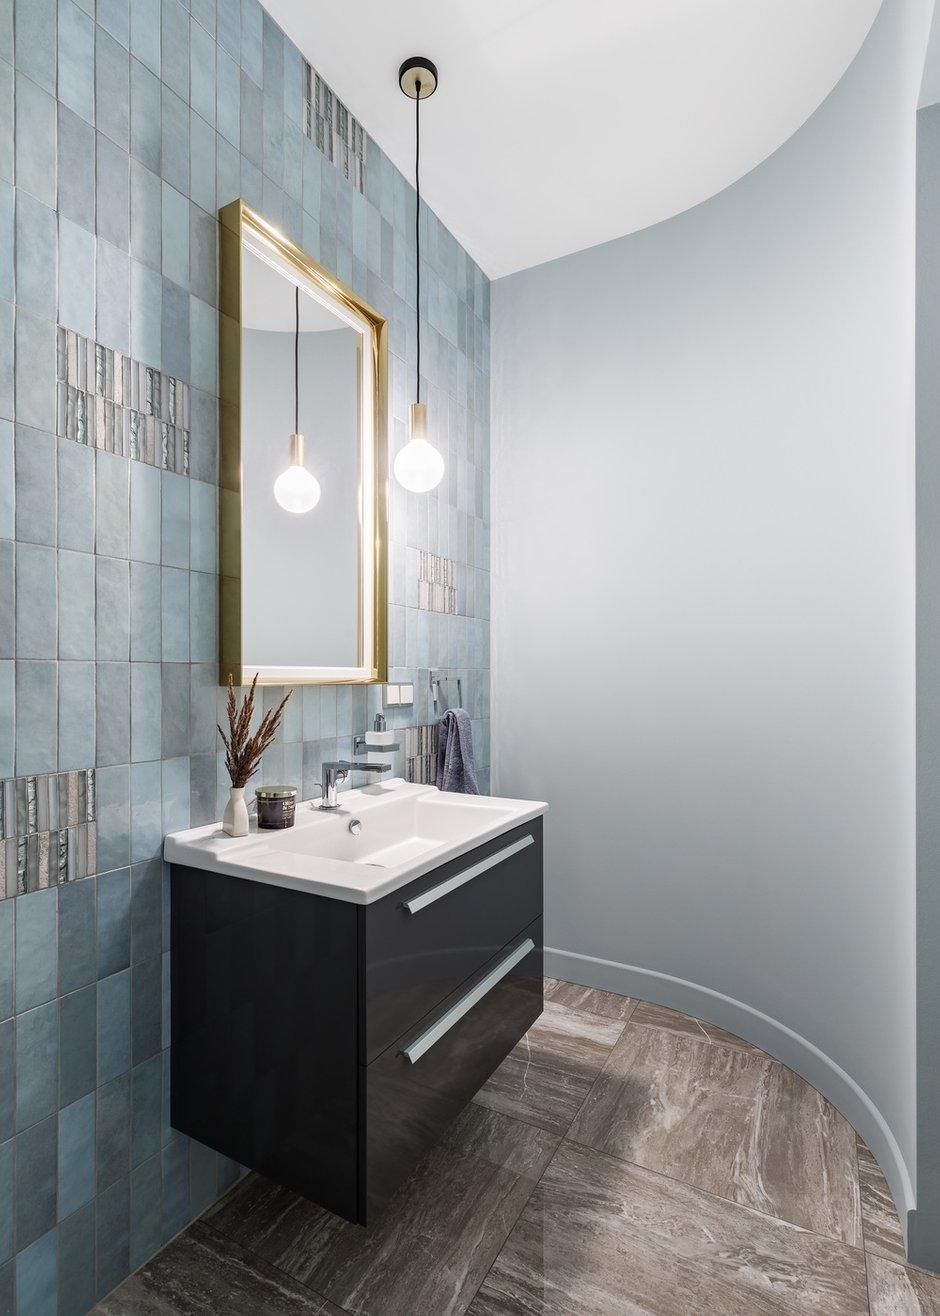 Фотография: Ванная в стиле Современный, Квартира, Проект недели, Санкт-Петербург, 3 комнаты, Более 90 метров, Аушрине Железнова – фото на INMYROOM